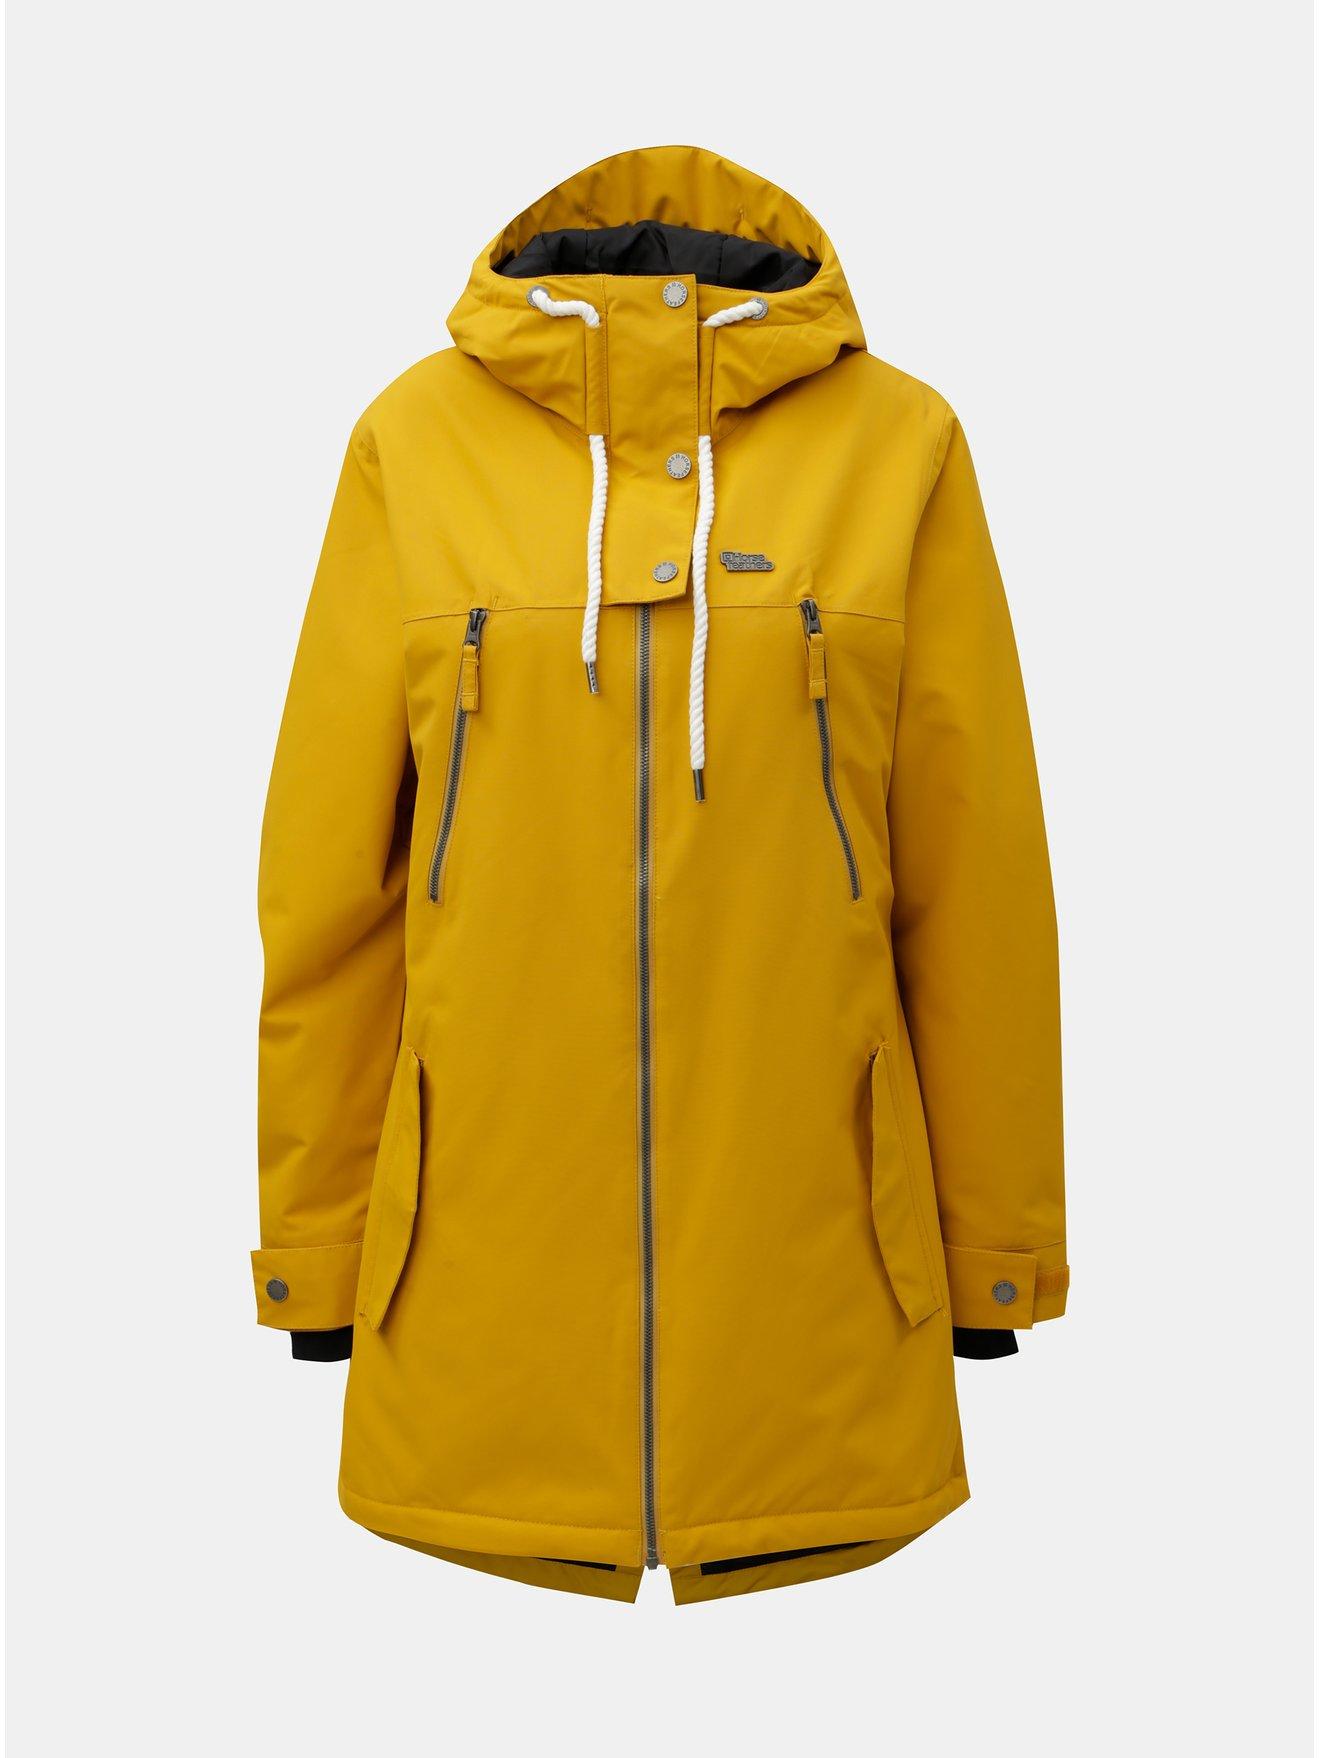 Žlutá dámská funkční dlouhá zimní bunda Horsefeathers Chipy